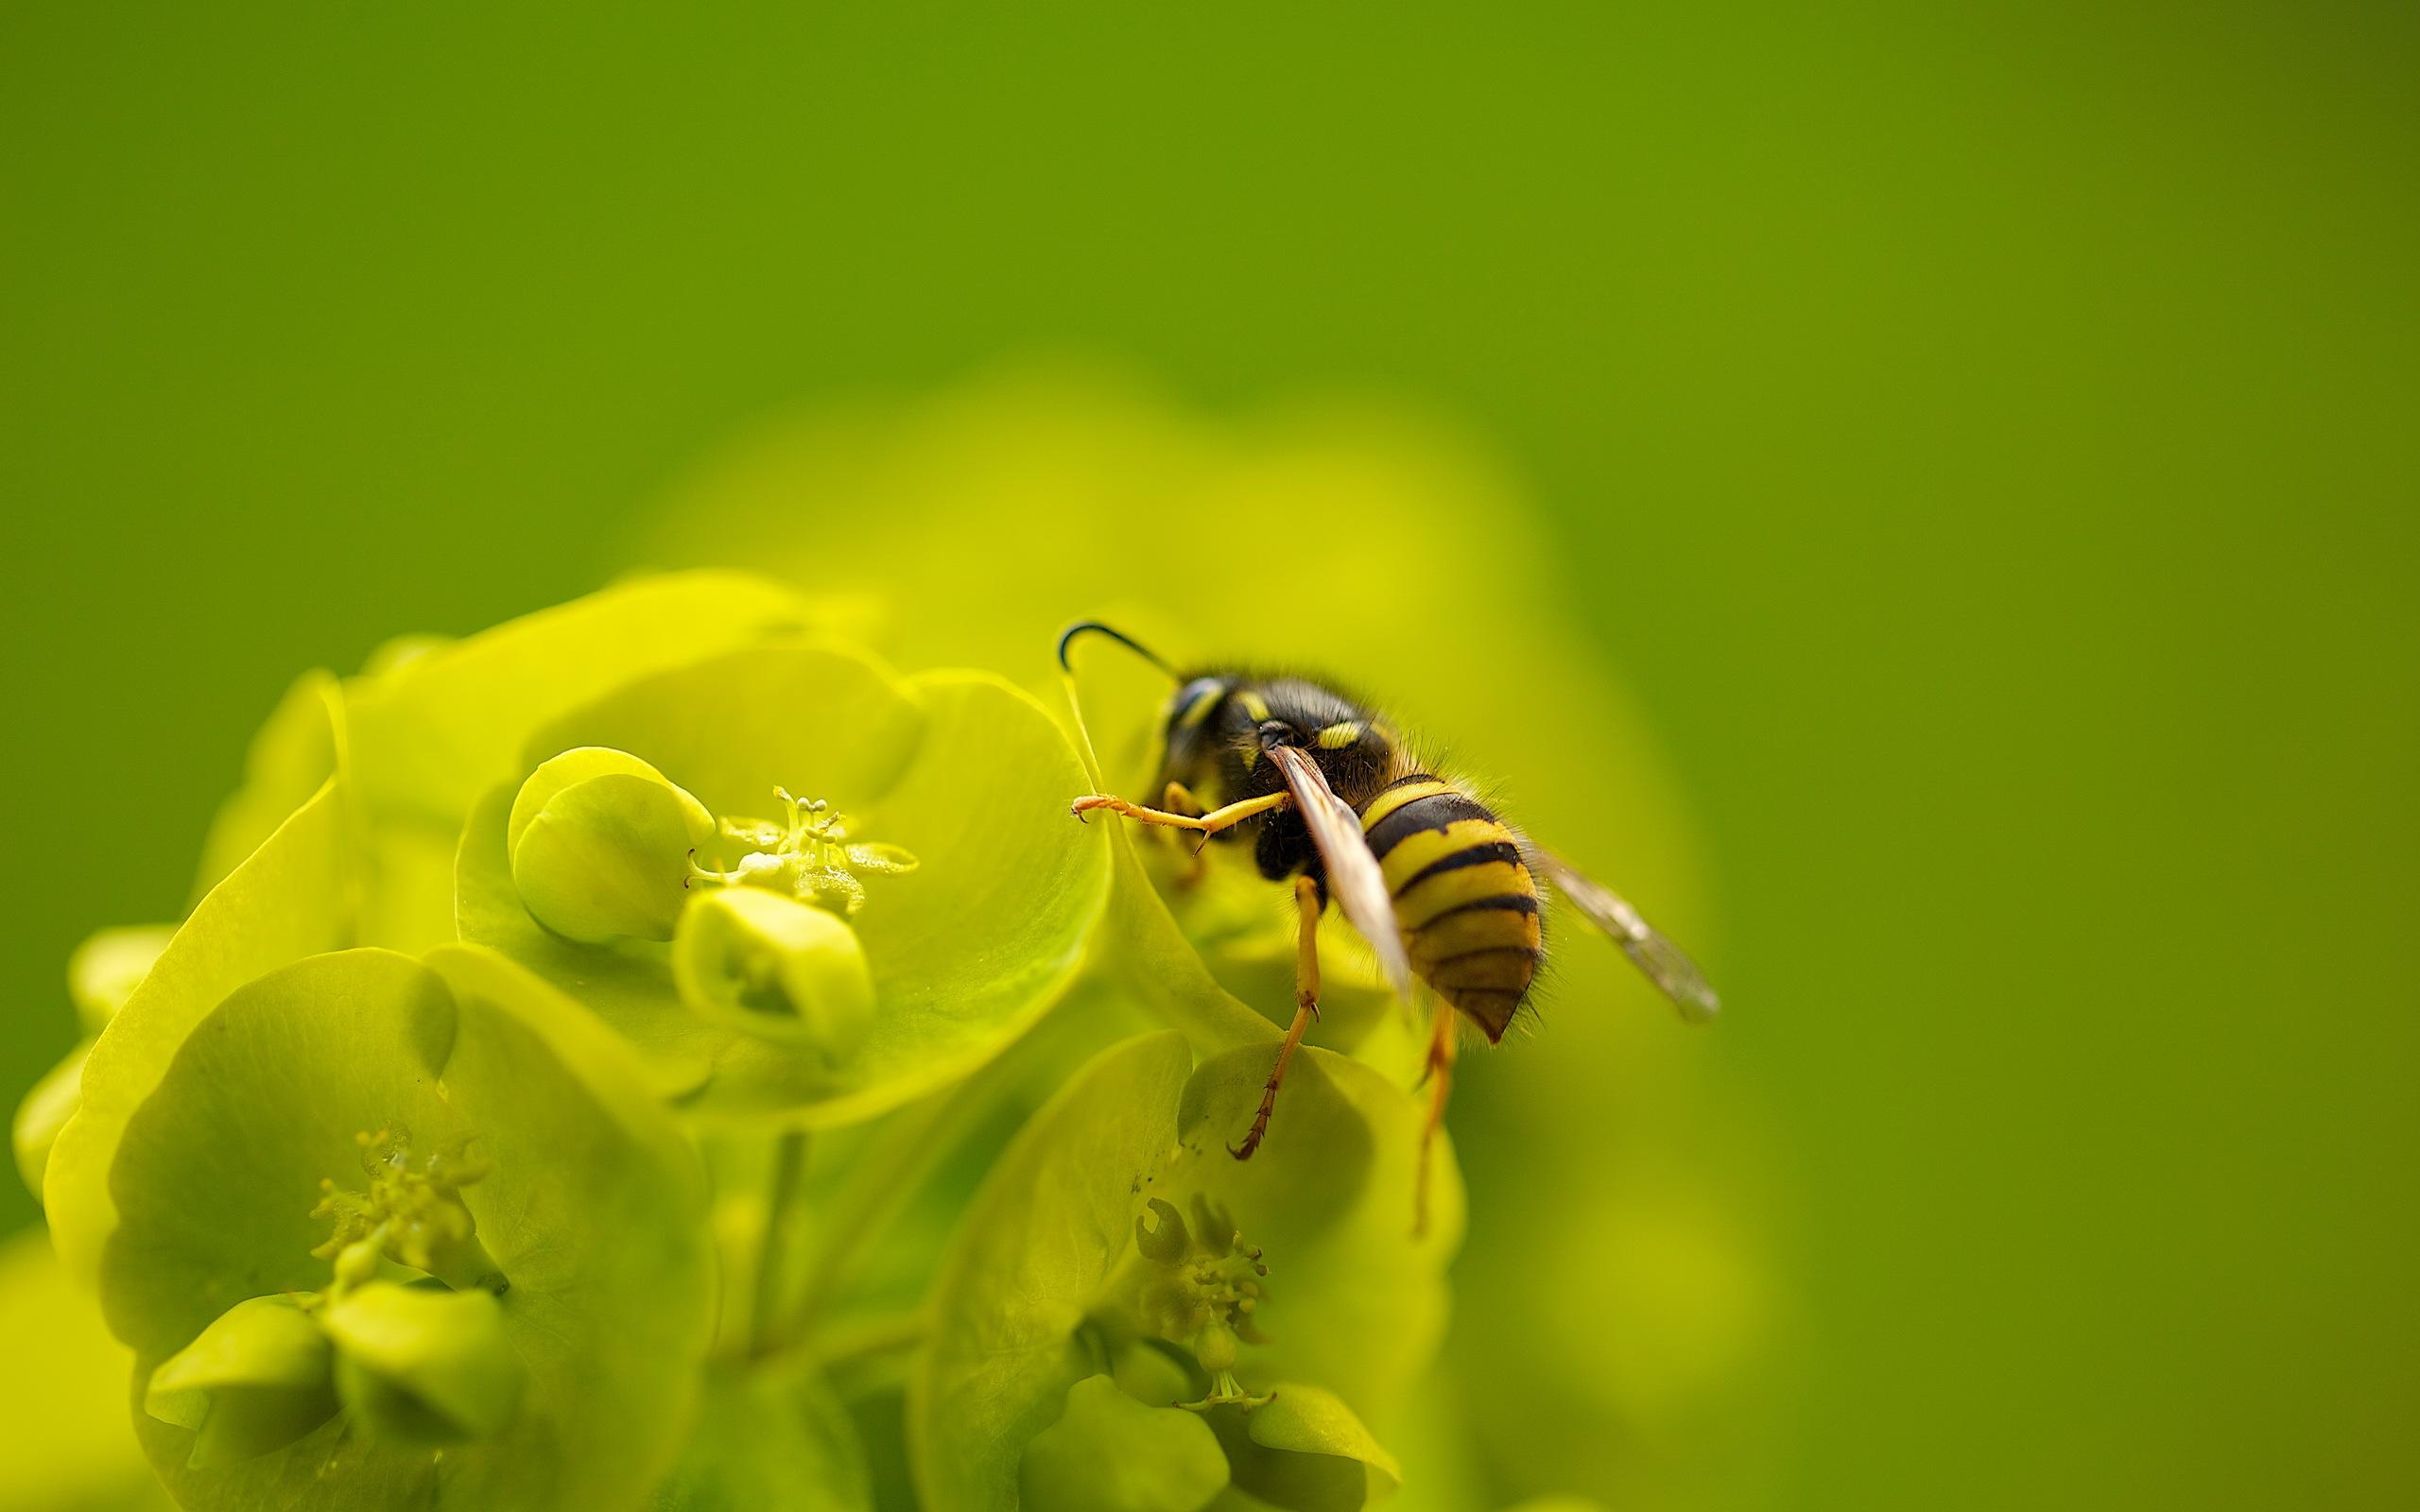 макро одуванчик животное насекомое пчела цветы природа загрузить